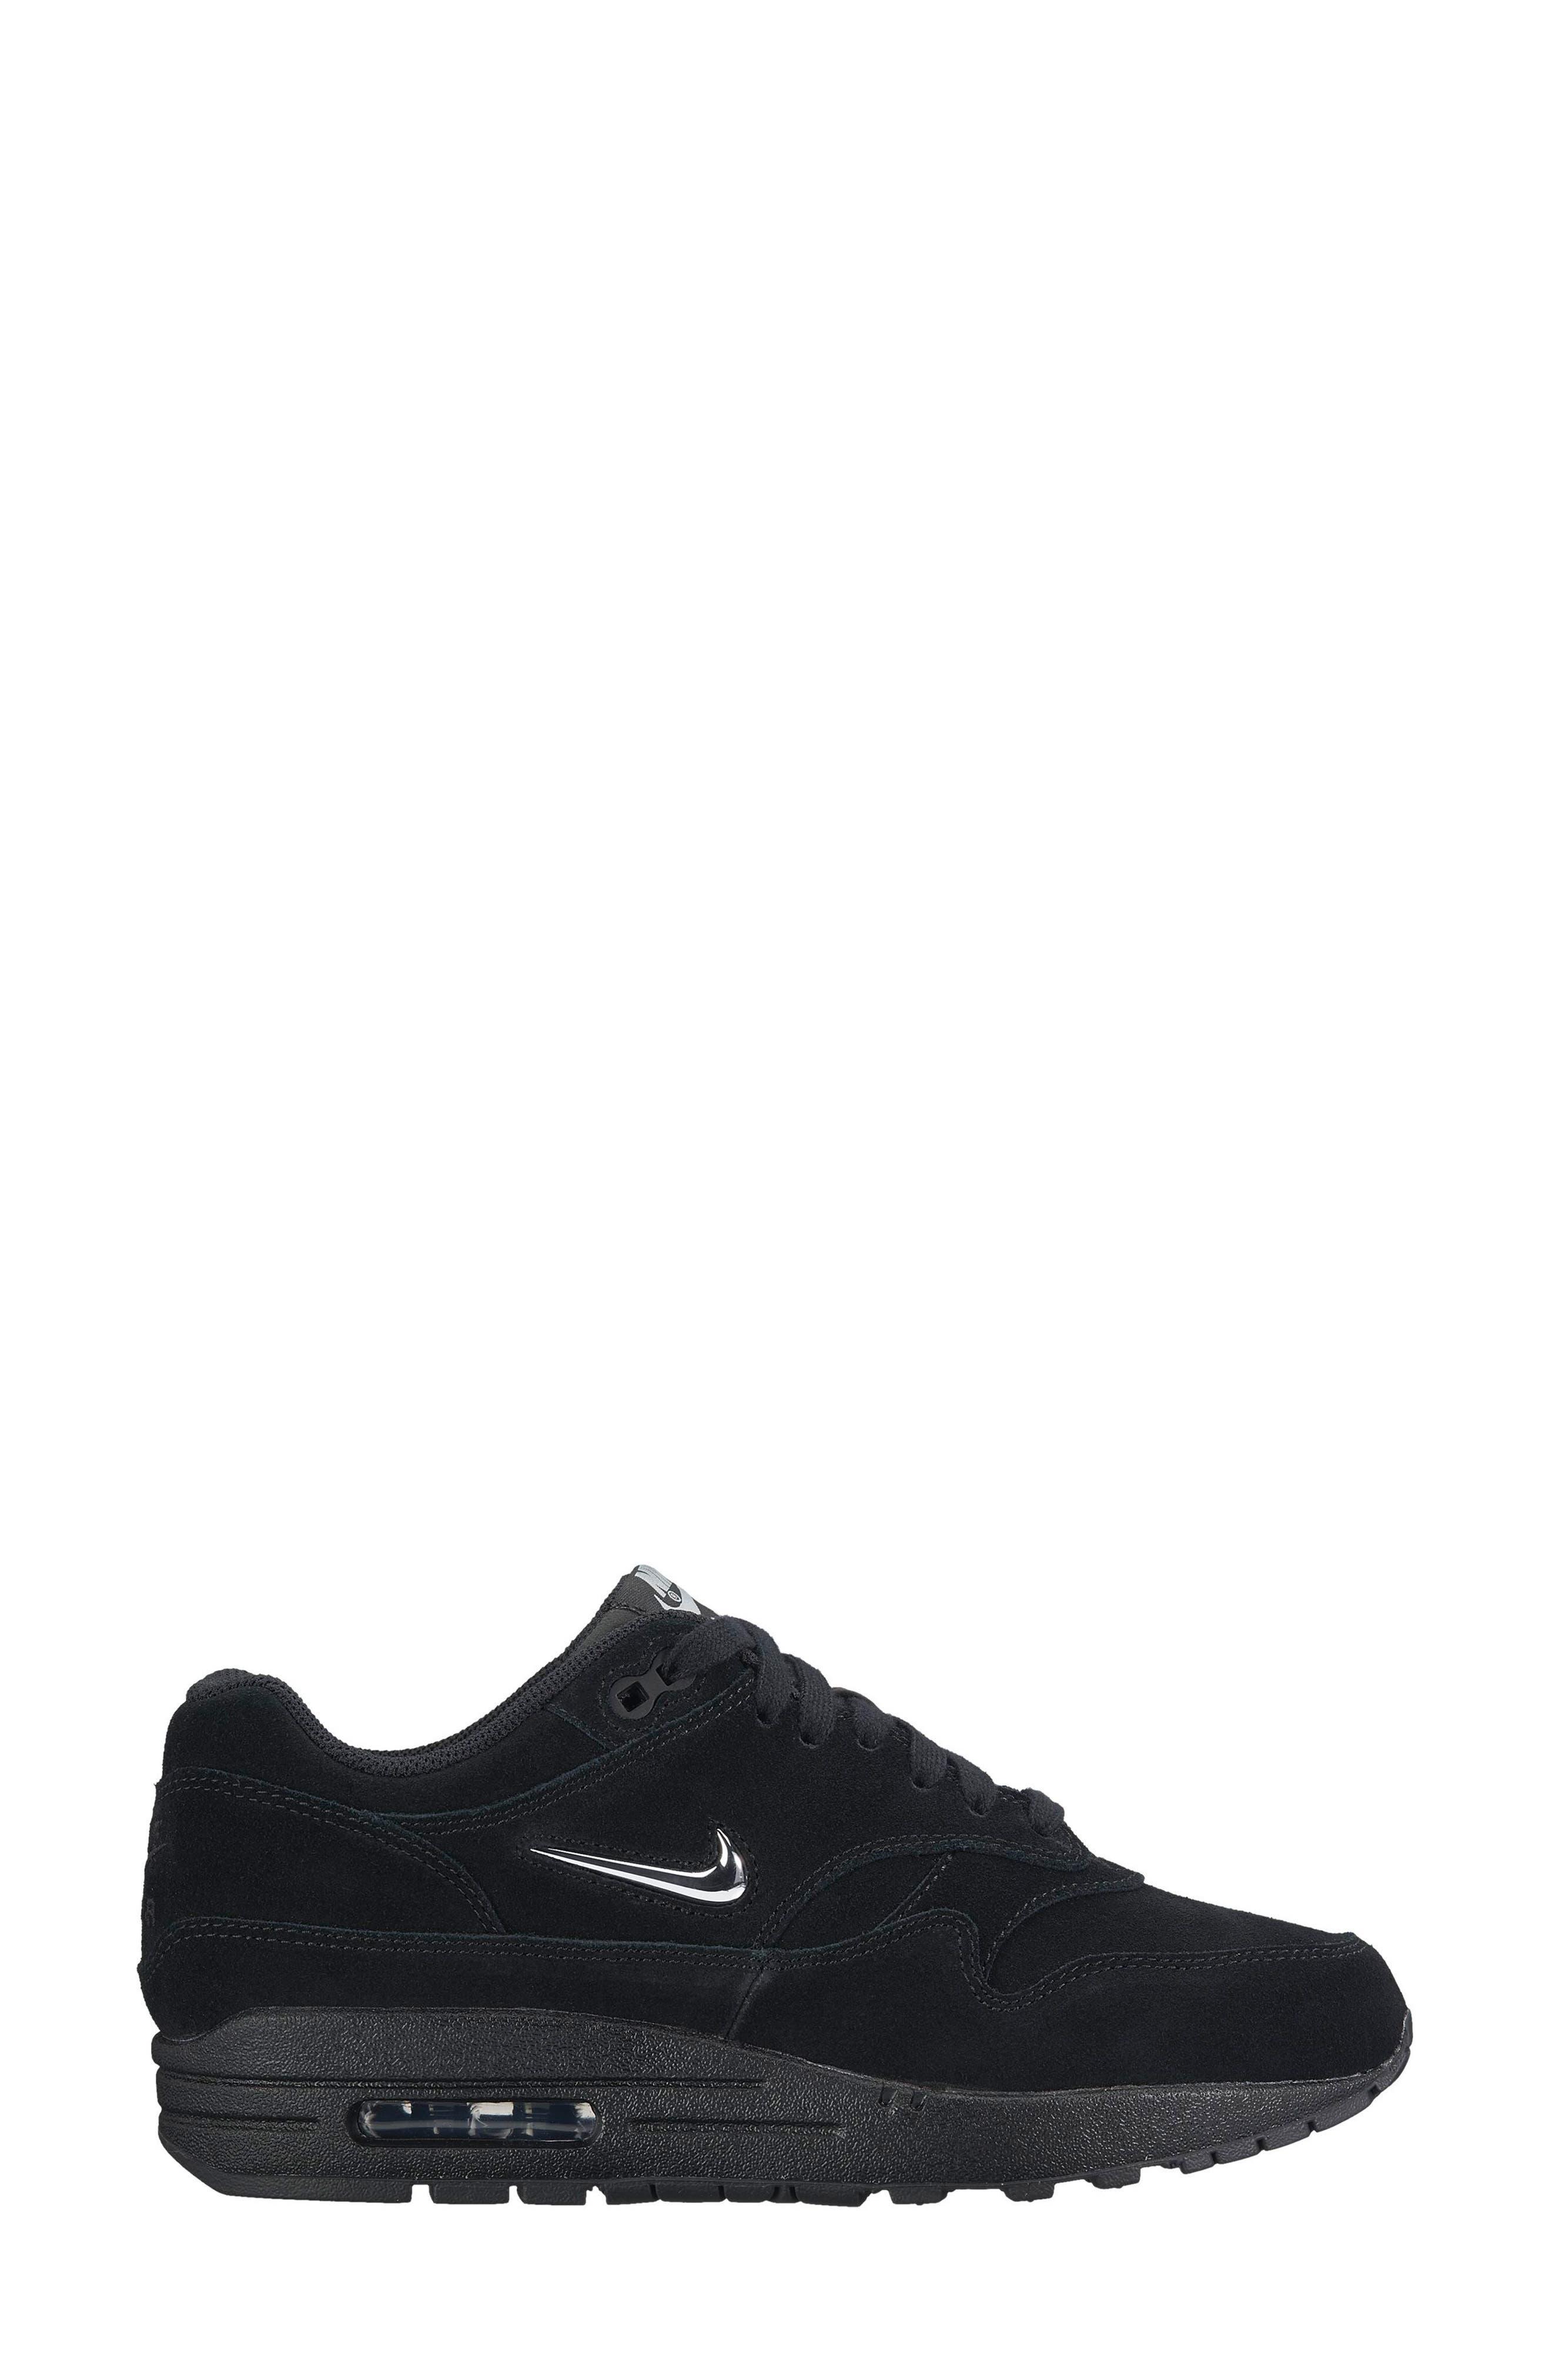 Air Max 1 Premium SC Sneaker,                             Alternate thumbnail 7, color,                             001